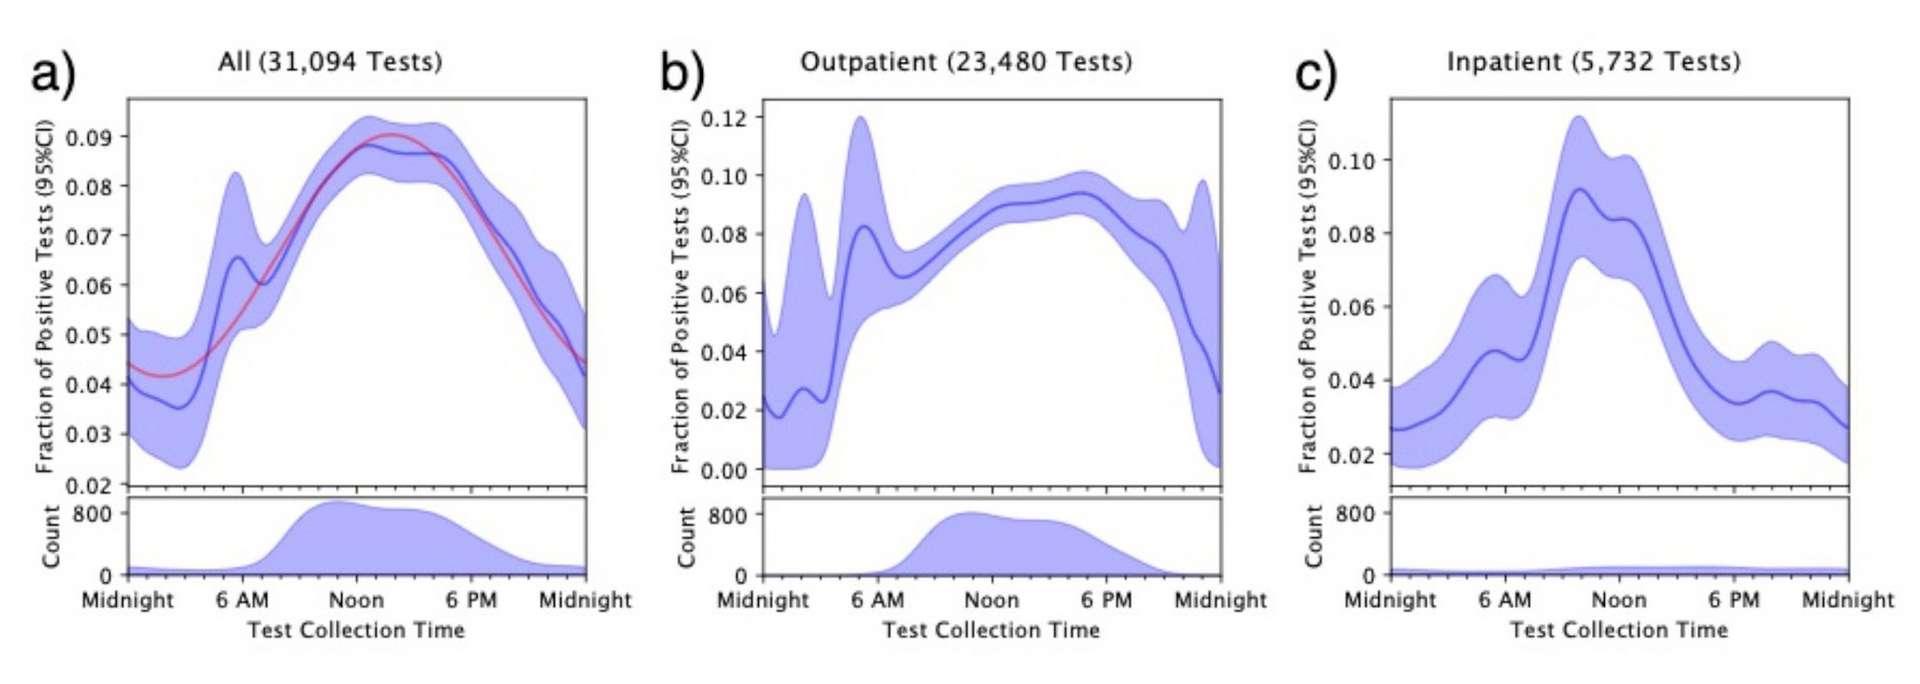 Taux de positivité des tests PCR au cours de la journée. a) totalité des tests. b) tests réalisés en ambulatoire. c) tests réalisés à l'hôpital. © Candace McNaughton et al., medRxiv, 2021